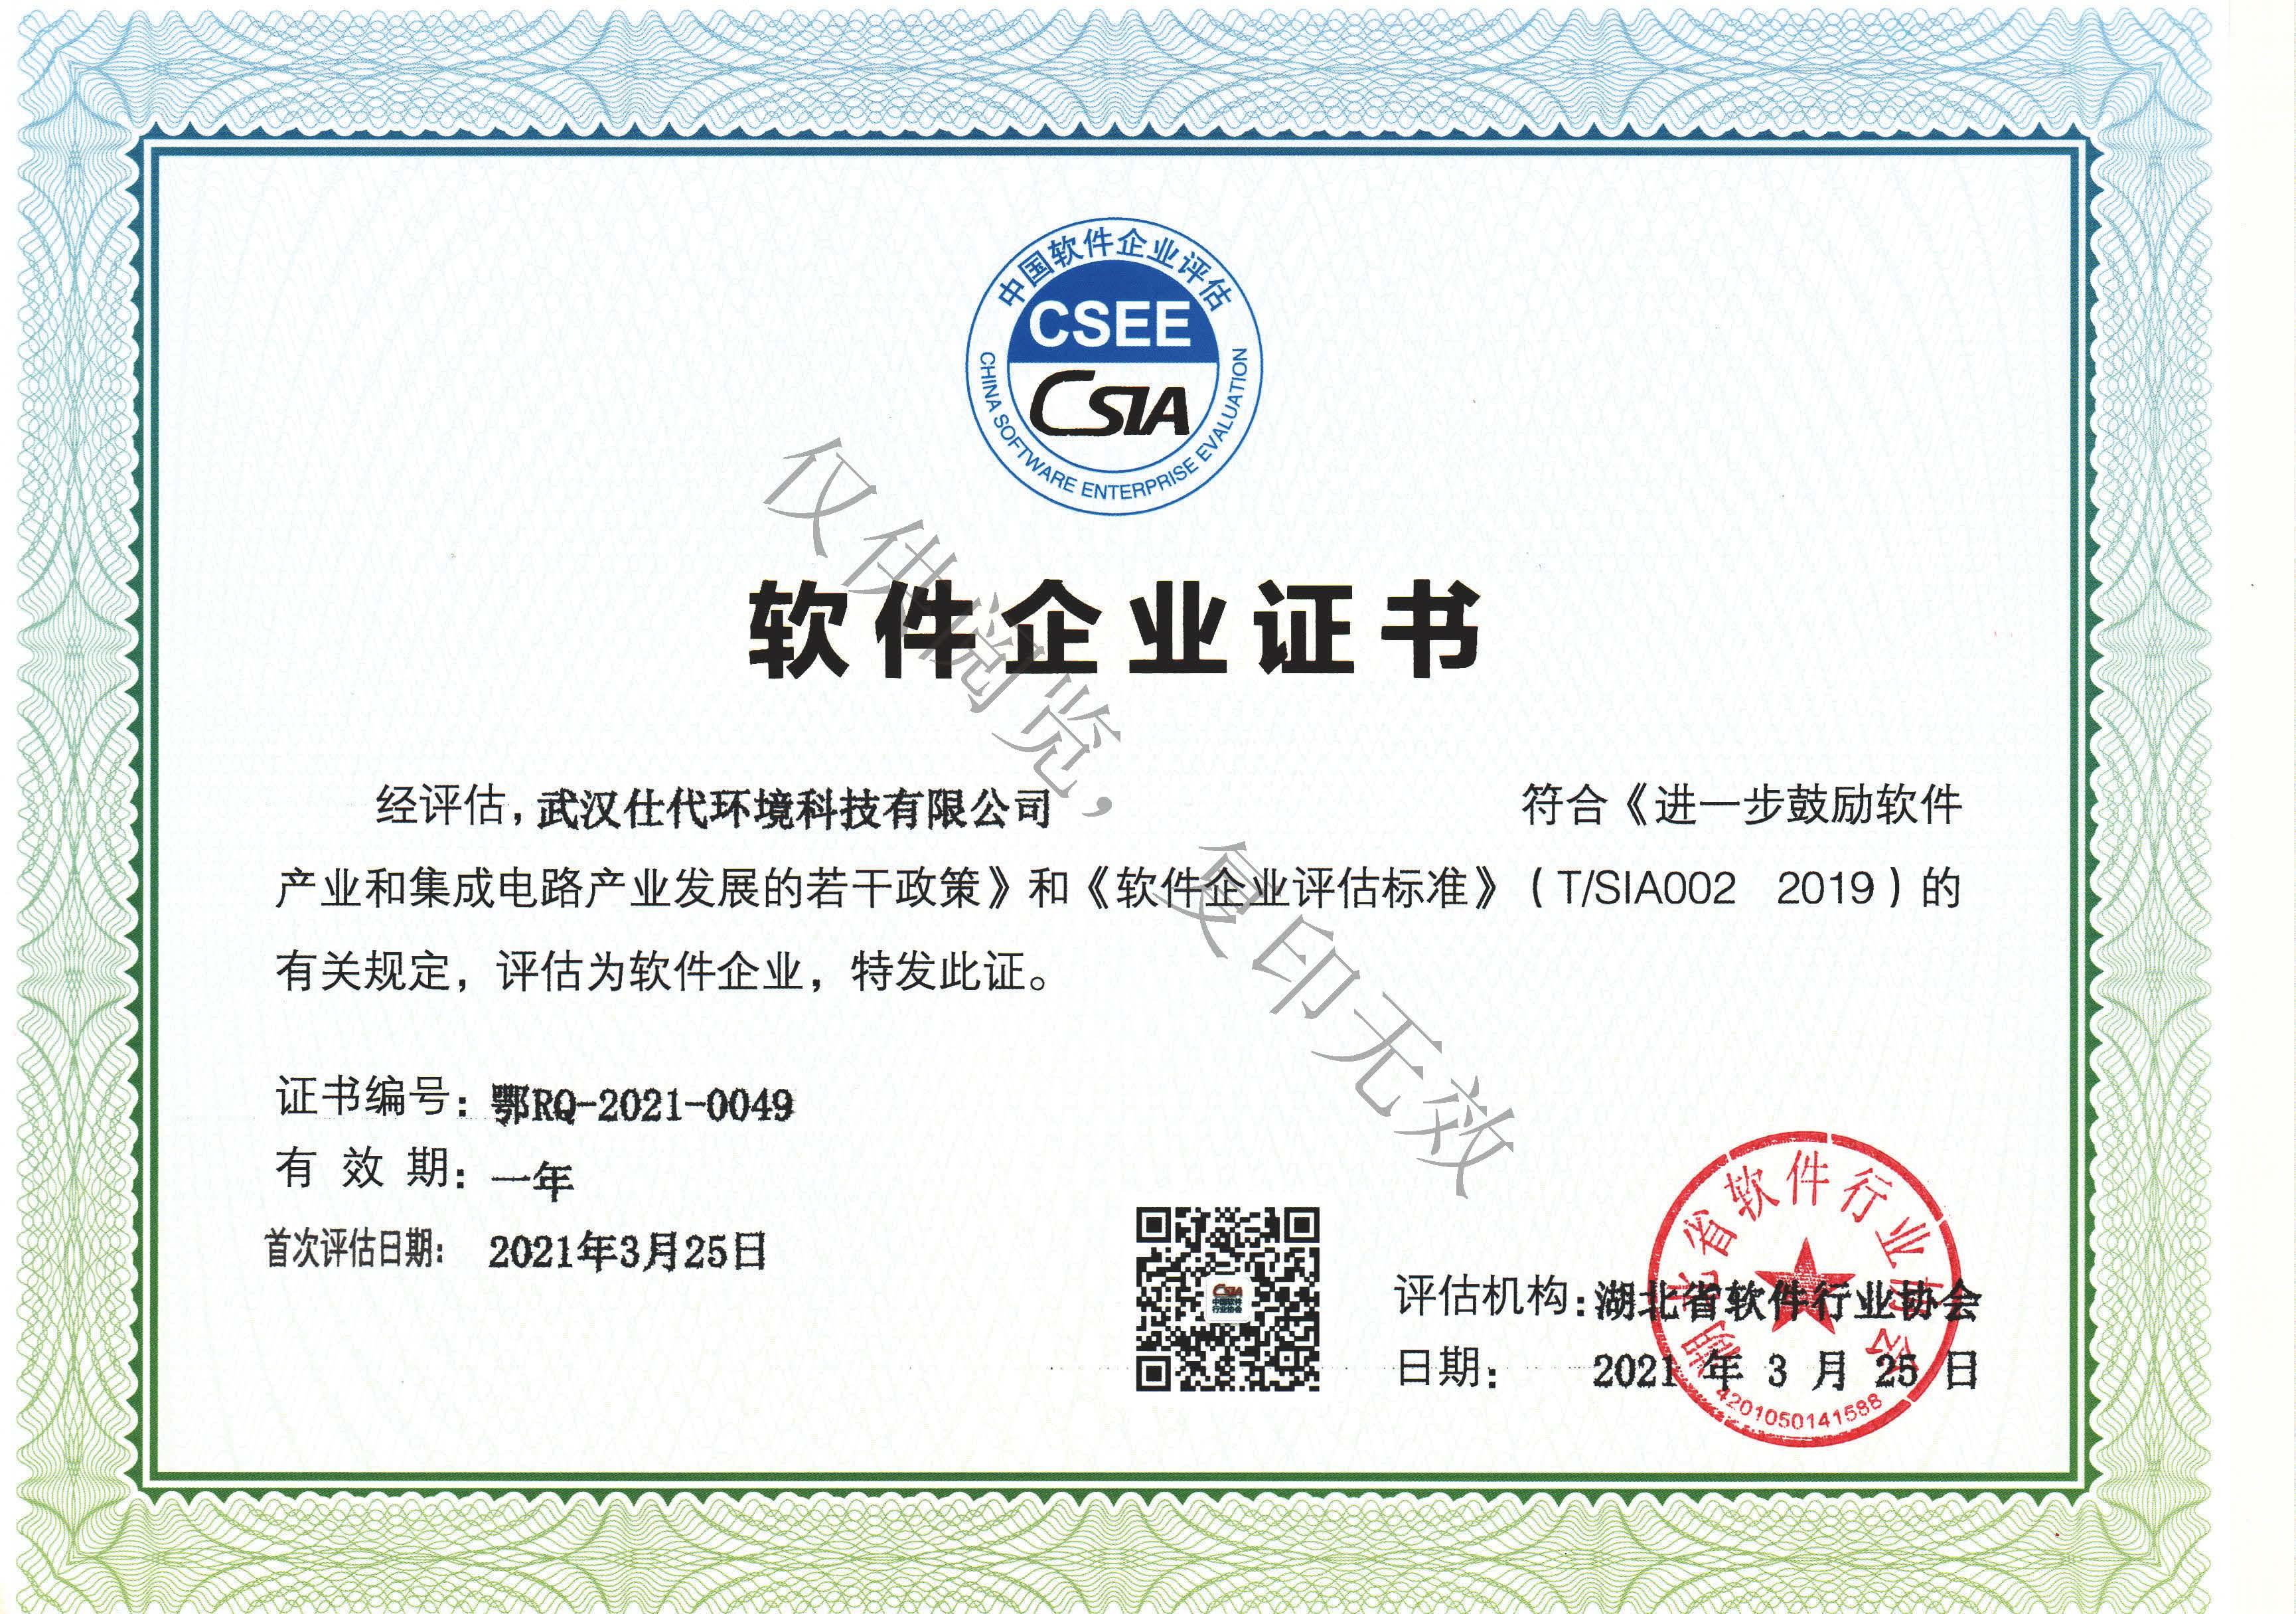 軟件企業證書